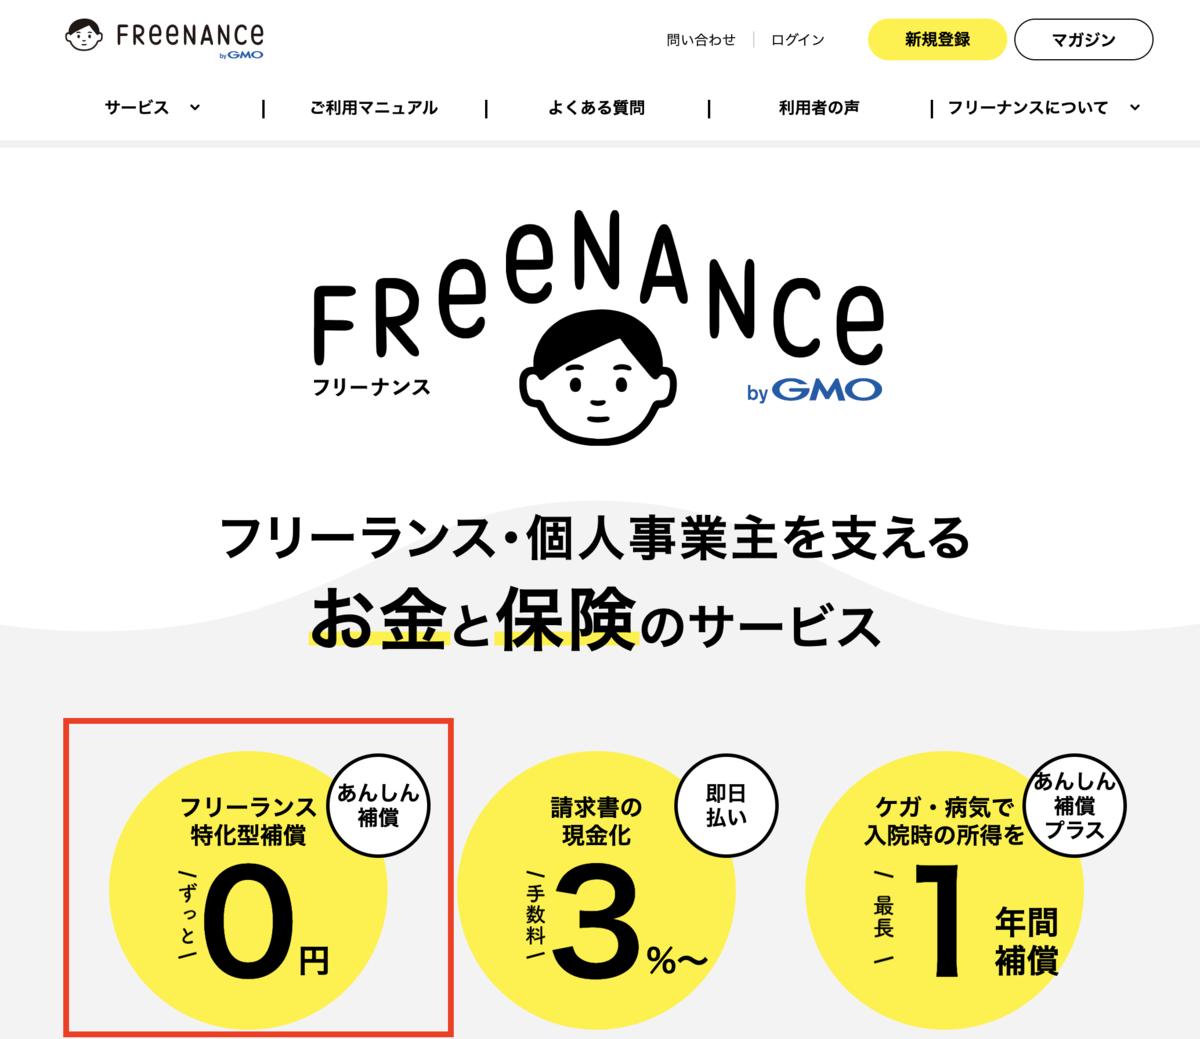 FreeNance(フリーナンス) フリーランス・個人事業主を支えるお金と保険のサービス